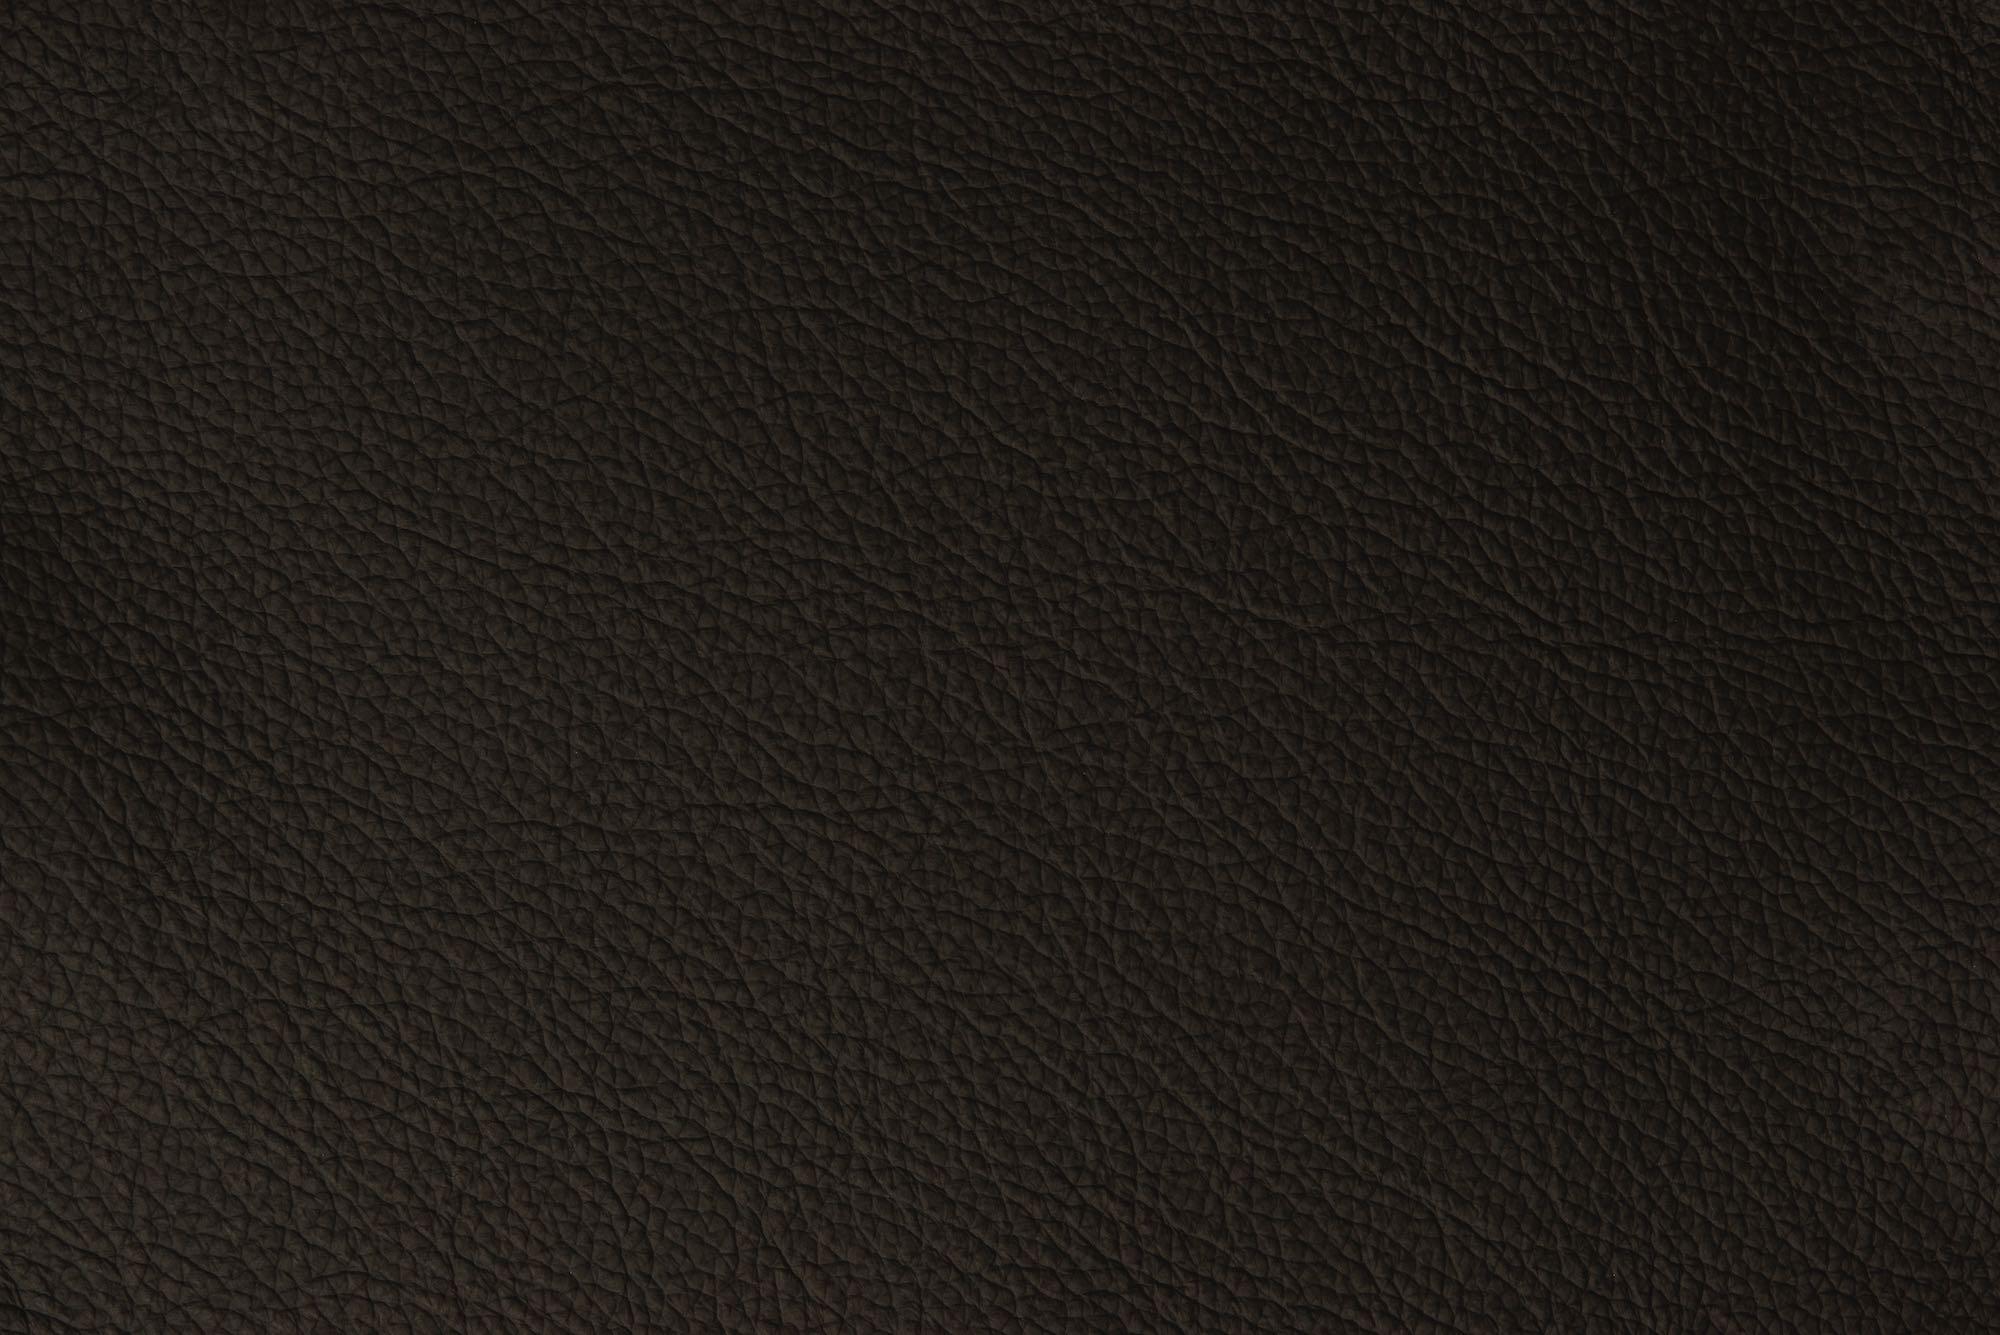 3500A BLACKの素材拡大画像